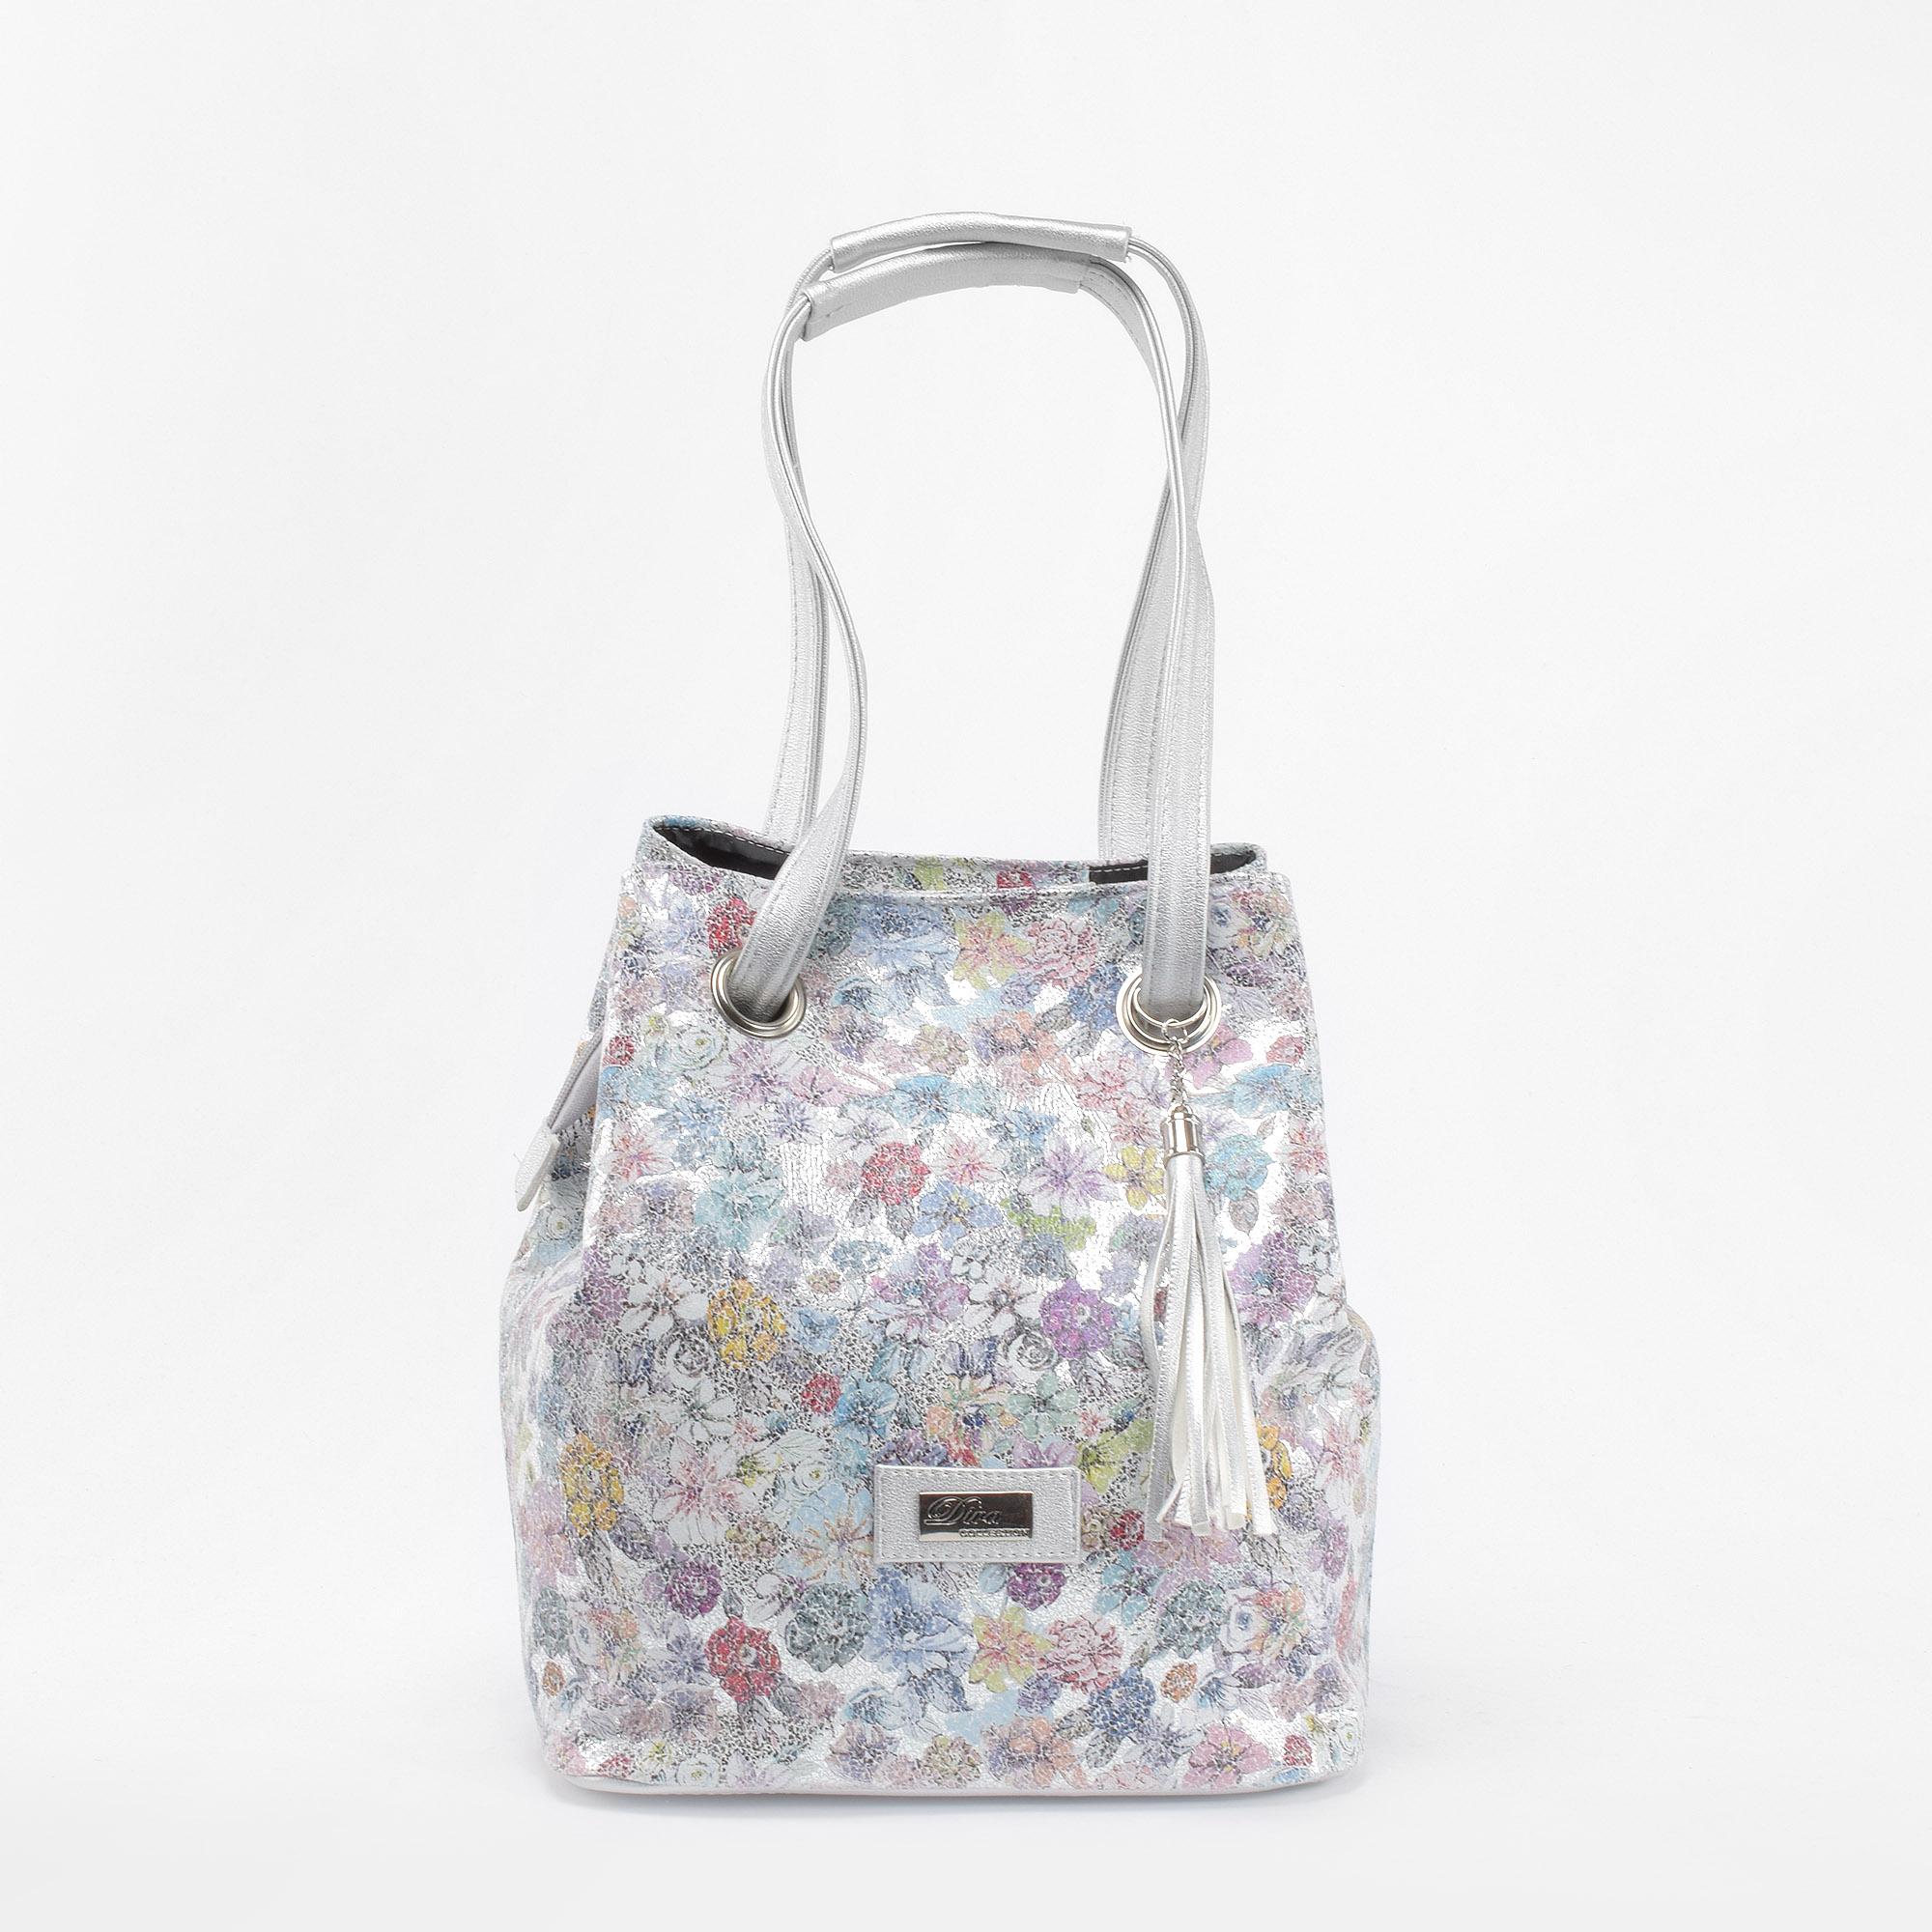 666b90f7309a Diva Ezüst-Virágos Női Rostbőr Kézitáska - Válltáskák - Táska webáruház - Minőségi  táskák mindenkinek